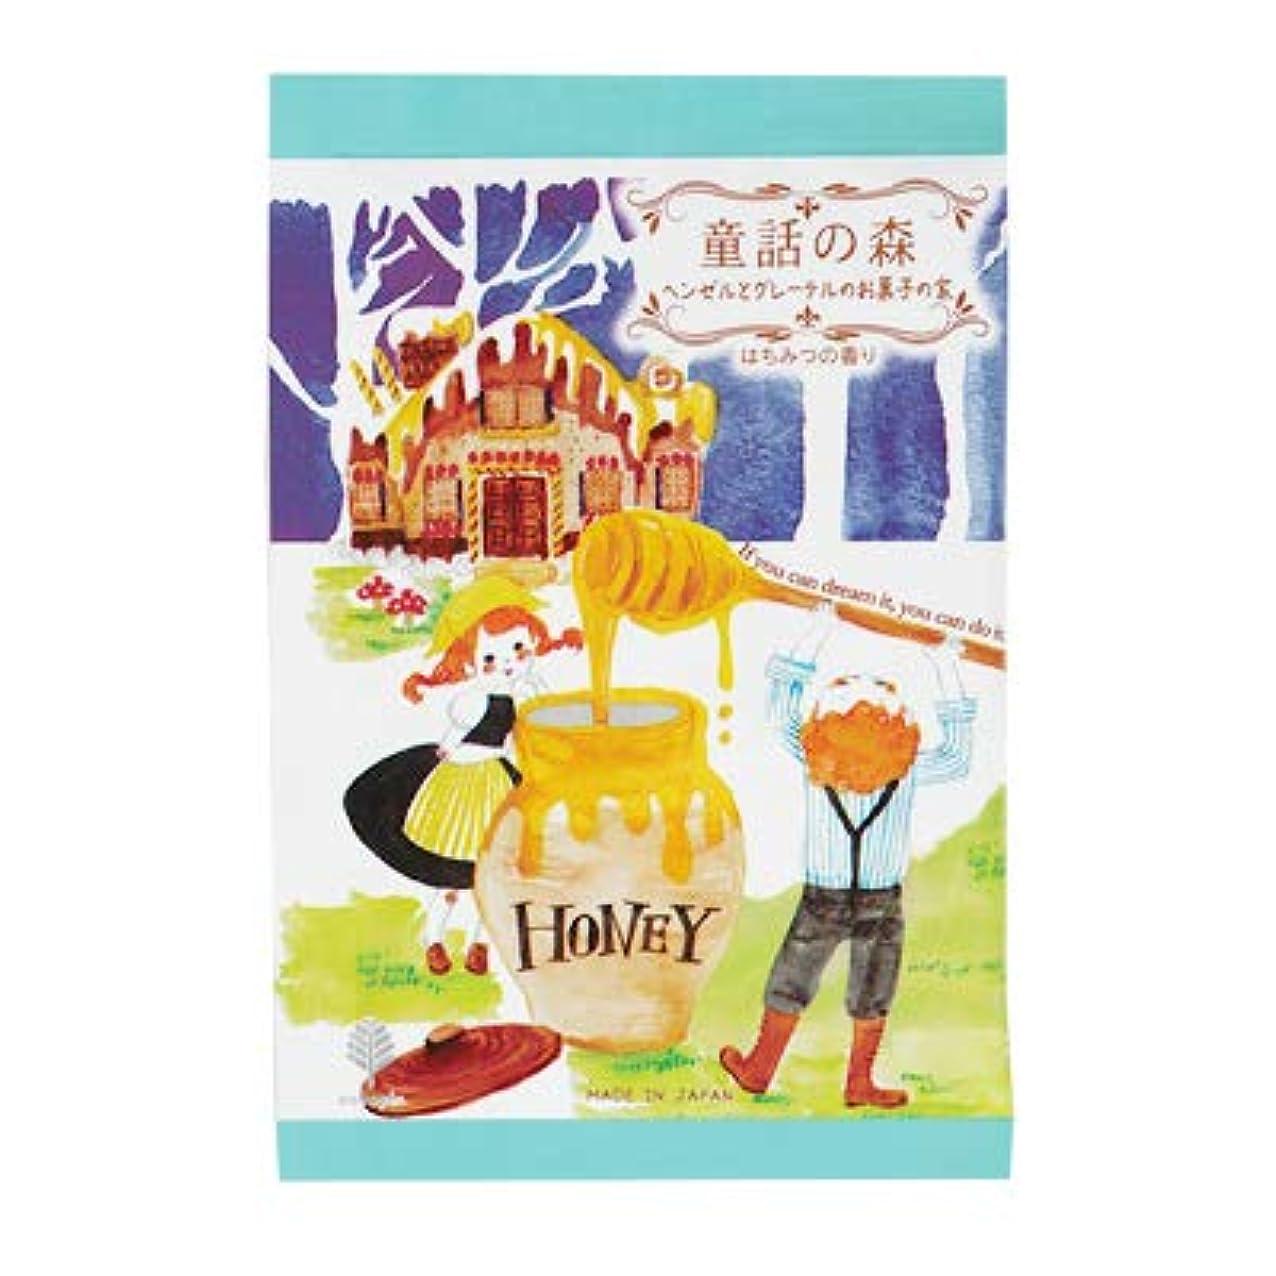 覚醒冷蔵庫好戦的な【まとめ買い6個セット】 童話の森 ヘンゼルとグレーテルのお菓子の家